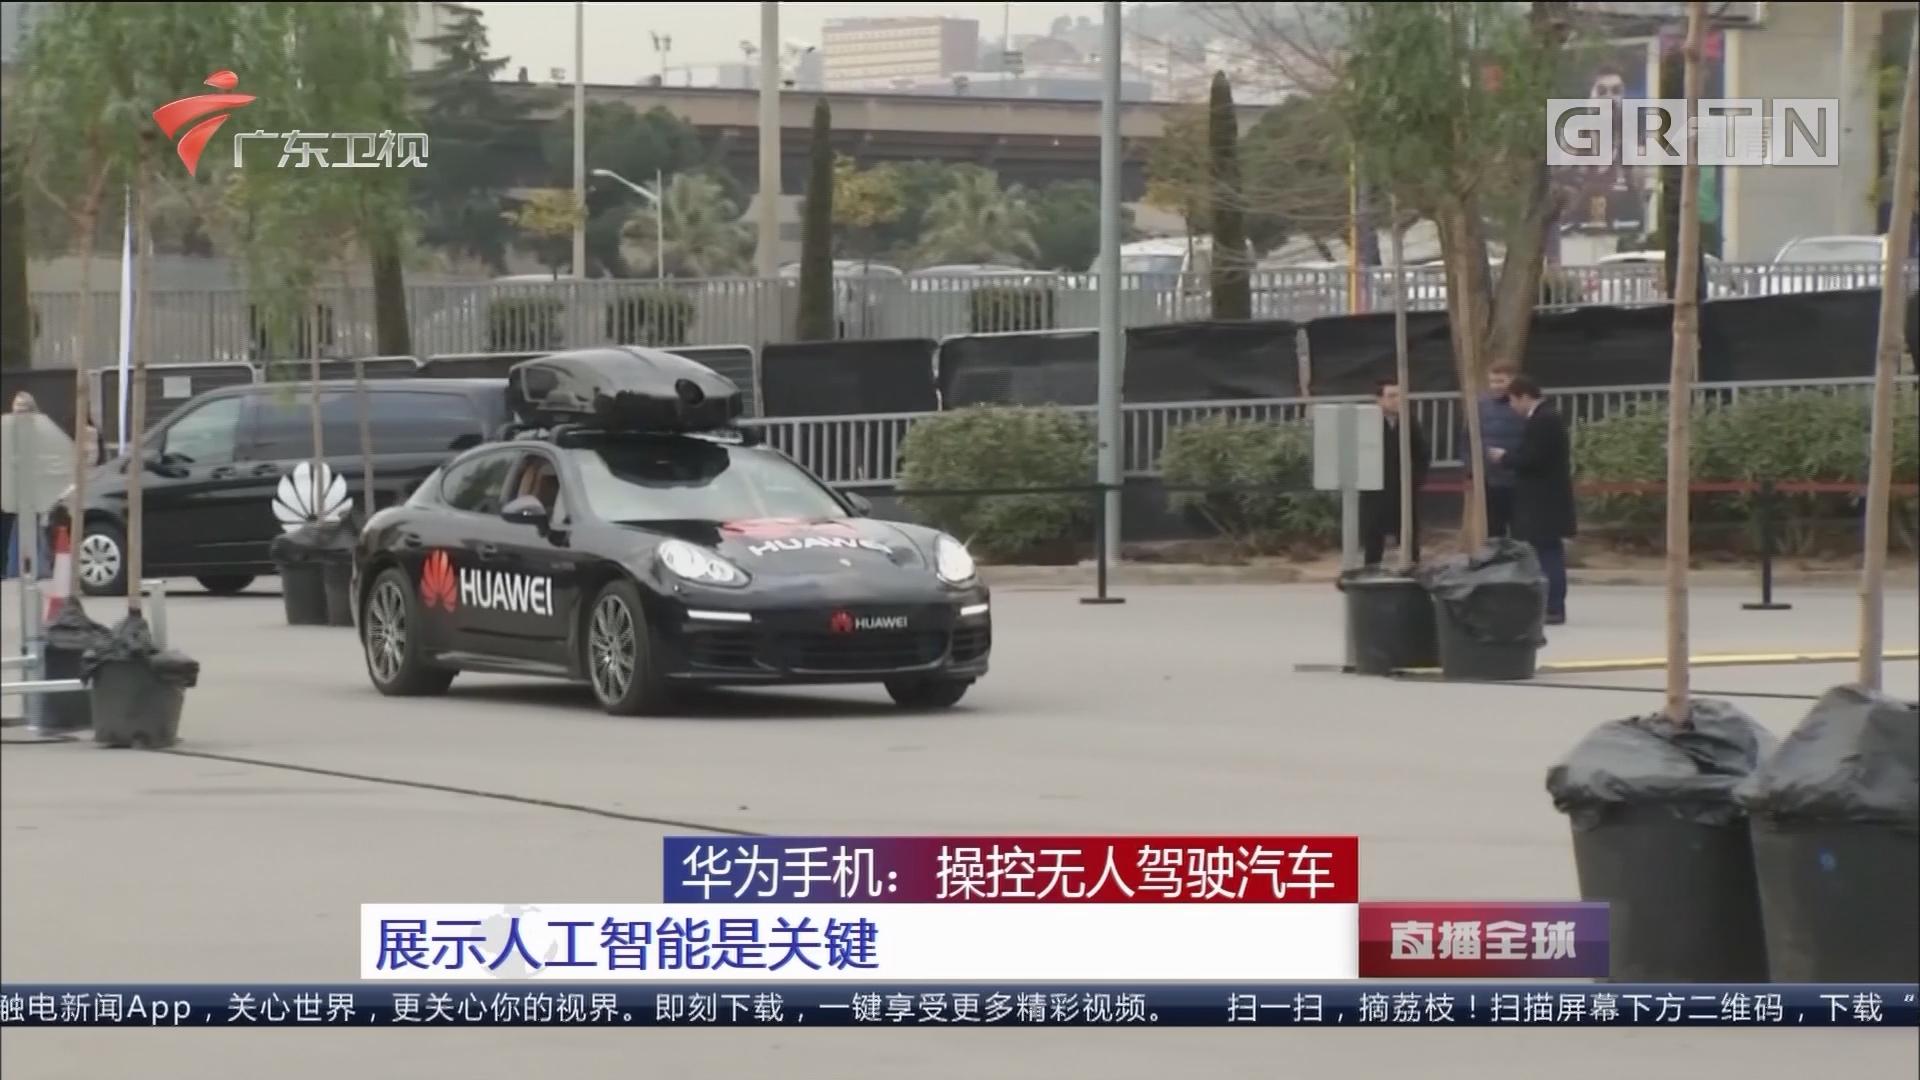 华为手机:操控无人驾驶汽车 展示人工智能是关键